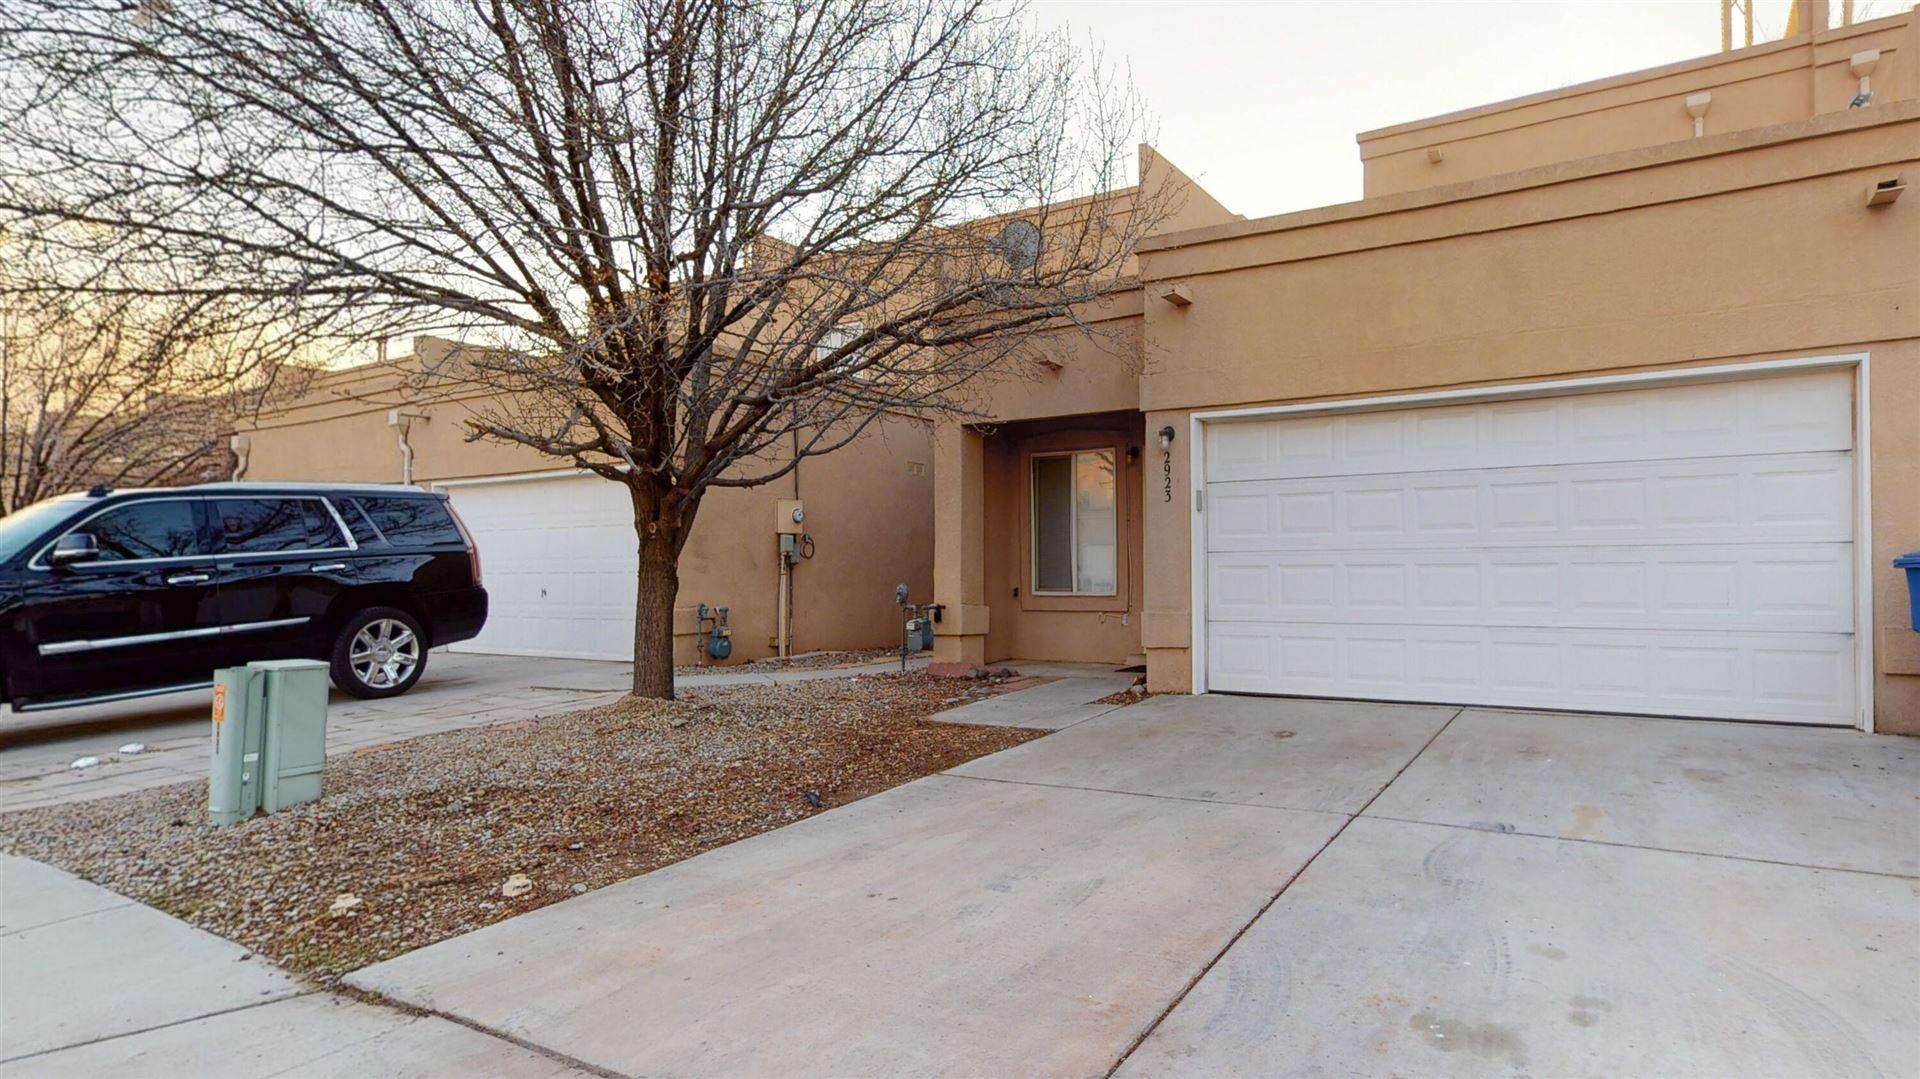 2923 QUAIL POINTE Drive NW, Albuquerque, NM 87120 - MLS#: 986583